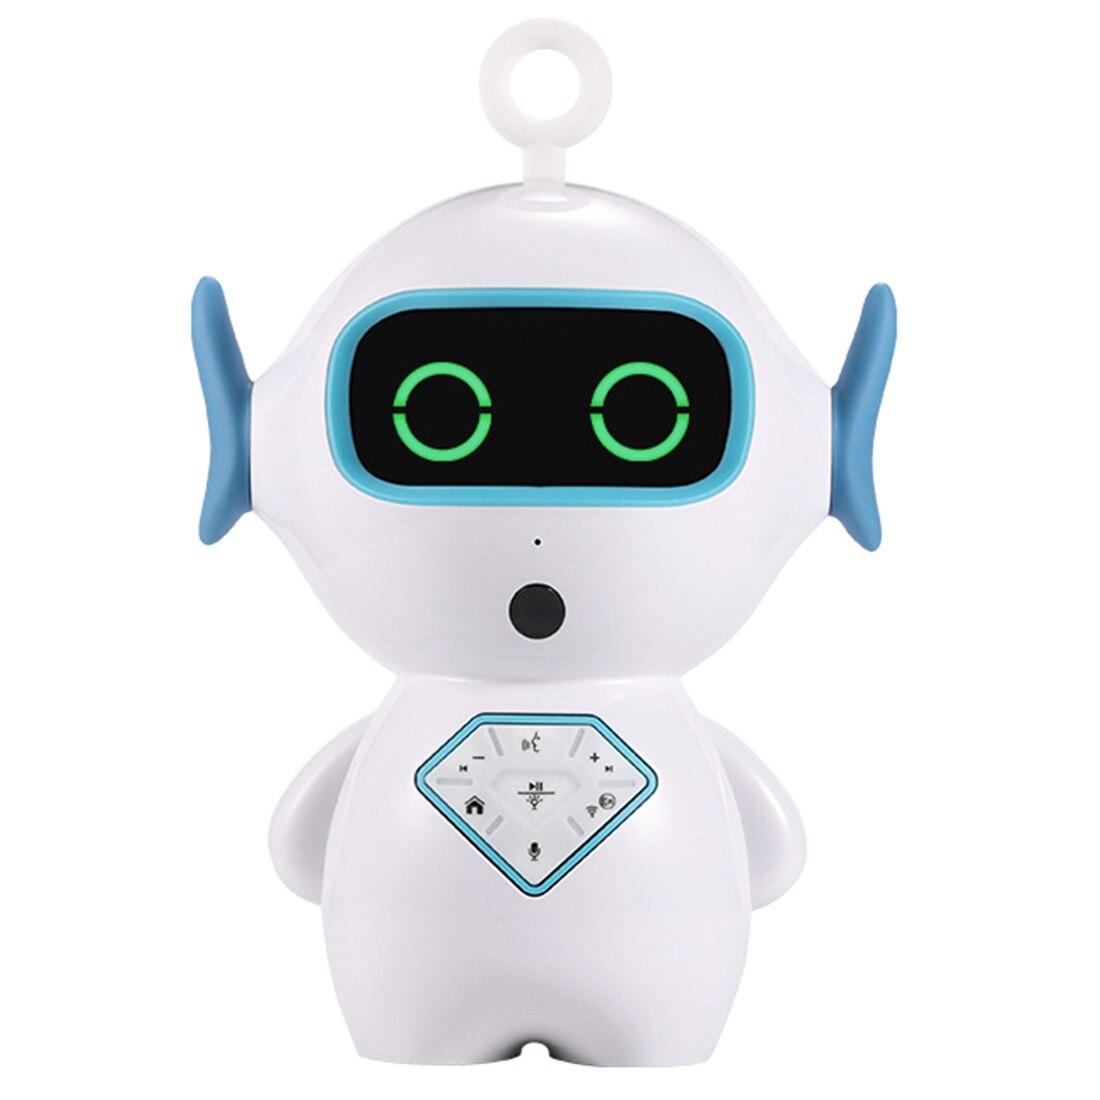 Enfants Intelligente Accompagner Jouet Intelligent RC Robot Interactive Voice Play Musique APP Chat Vocal Contes pour Enfant Cadeau D'anniversaire